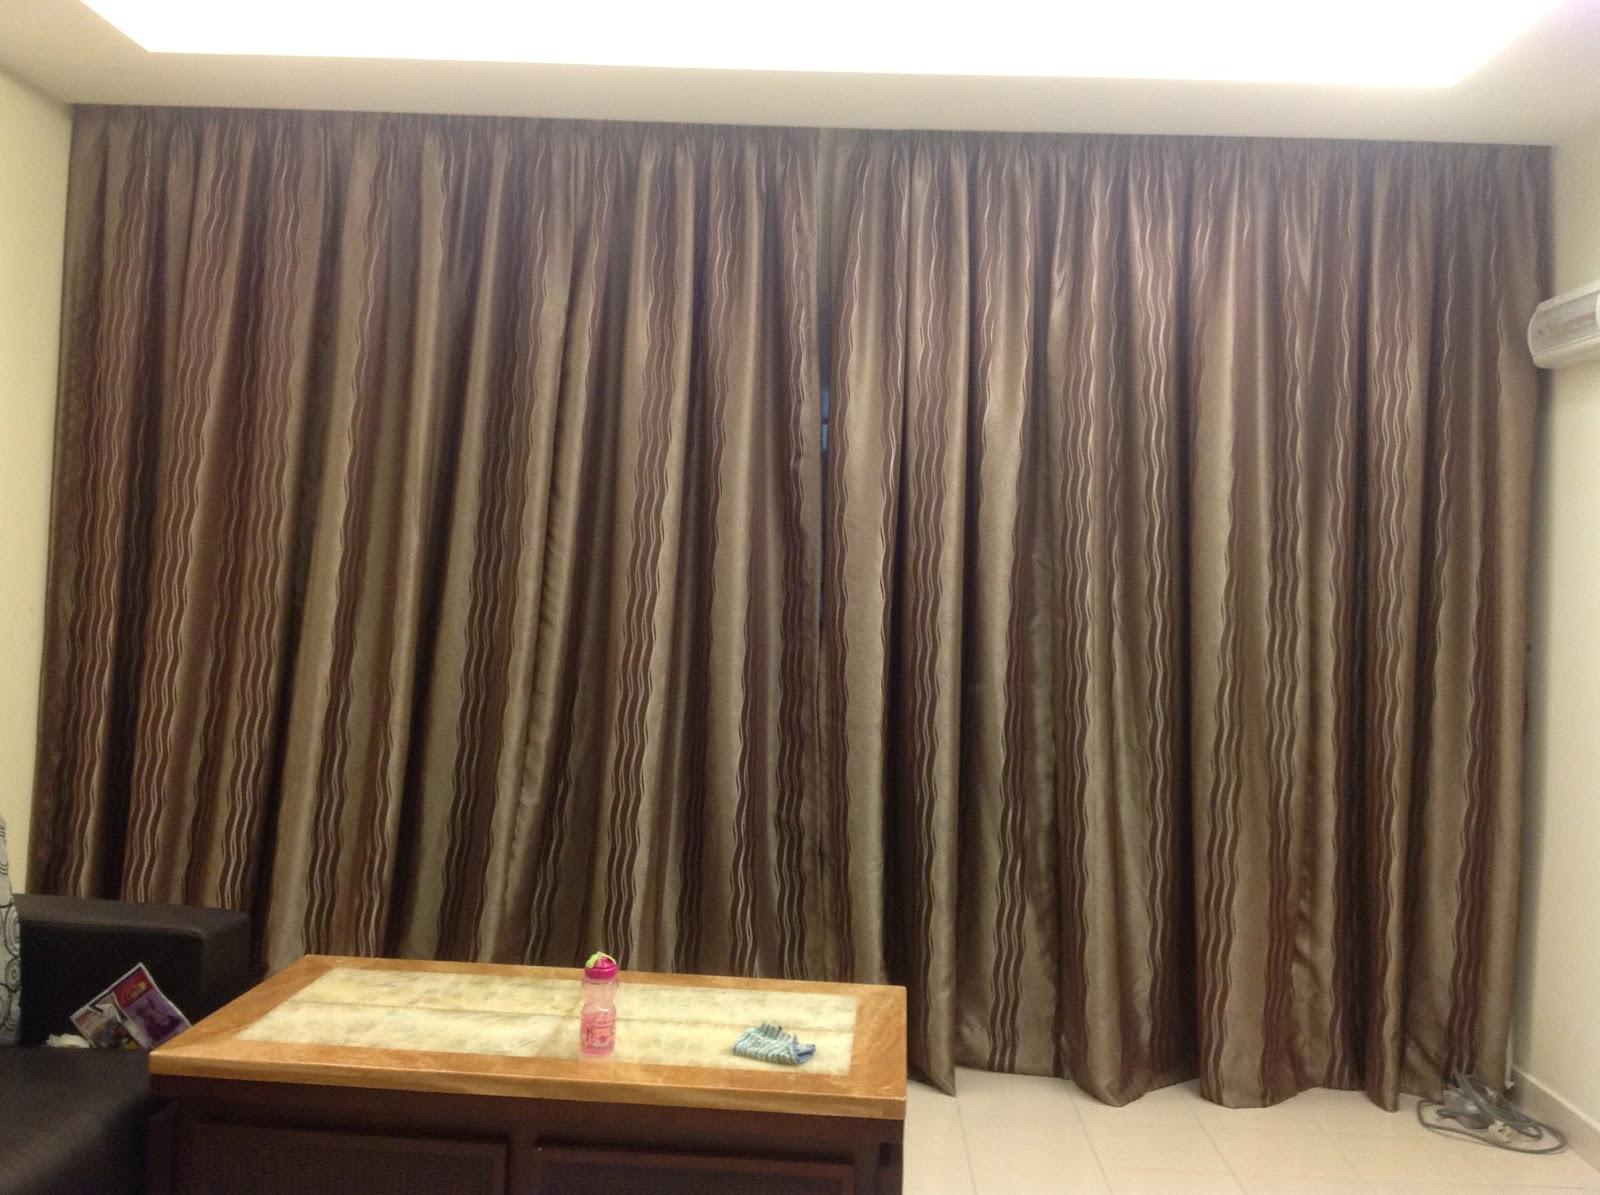 Ruang tamu memang buat langsir penuh….ada sekali day&night curtain ...